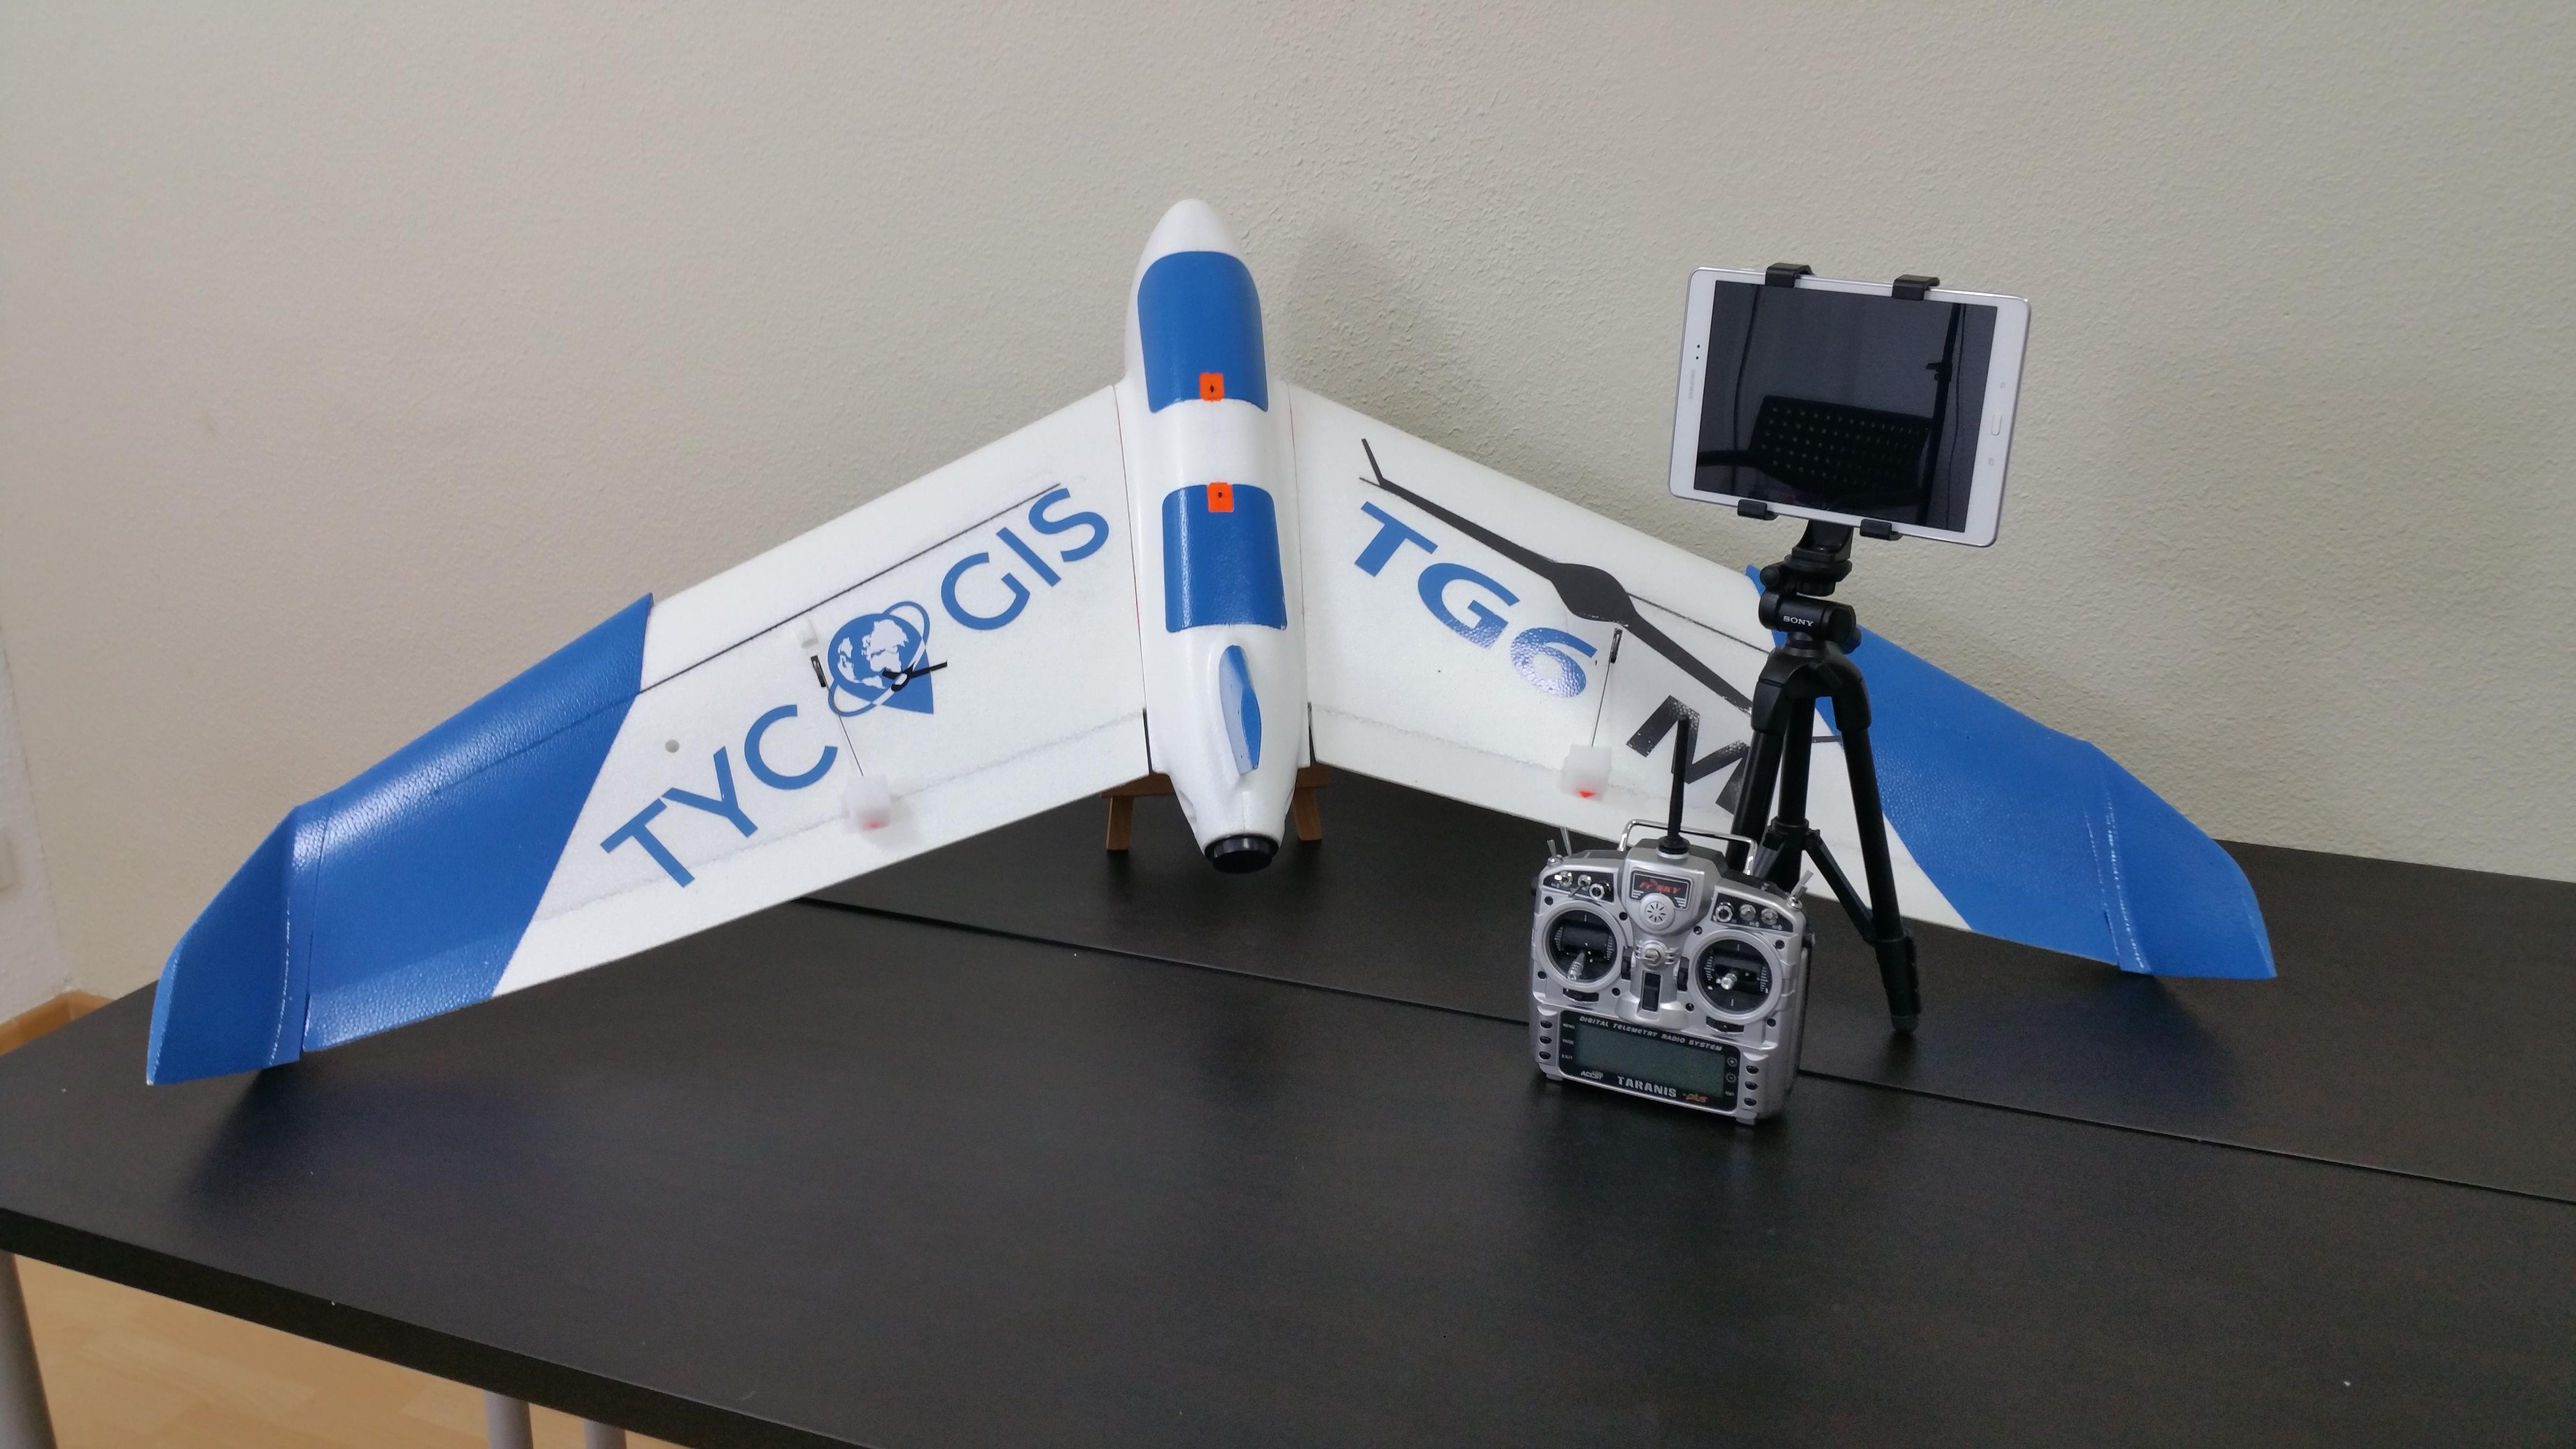 bc94747b2fd TG6-M | Equipo dron de ala fija para teledetección multiespectral y  agricultura de precisión